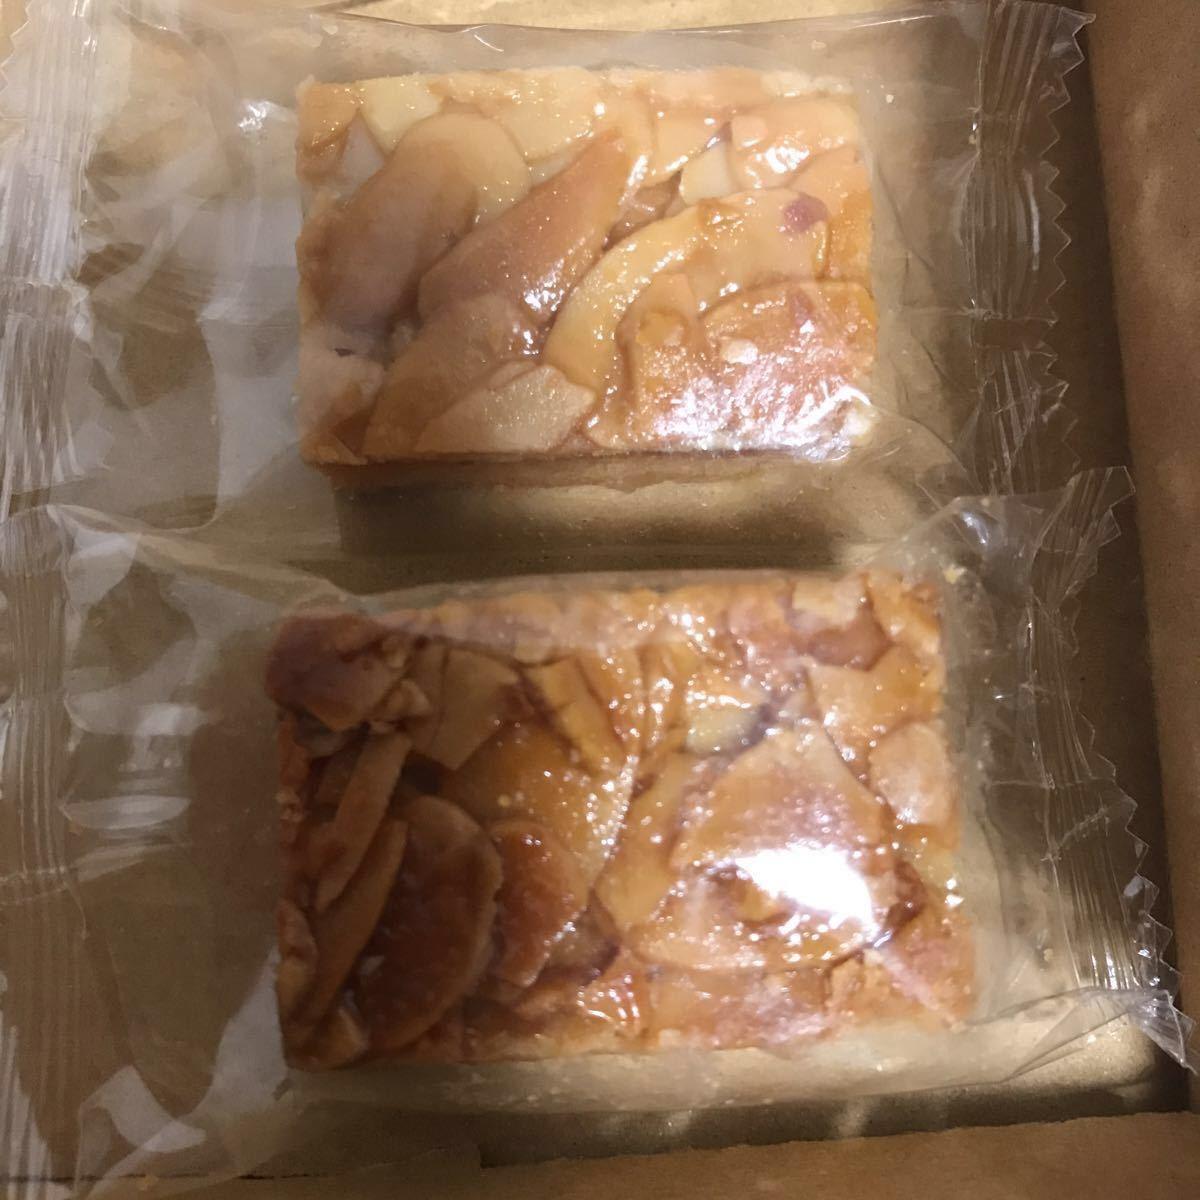 送料210円~ 高級フロランタン&クッキー お菓子 お買い得 ポイント消化 お買い得 格安_画像3